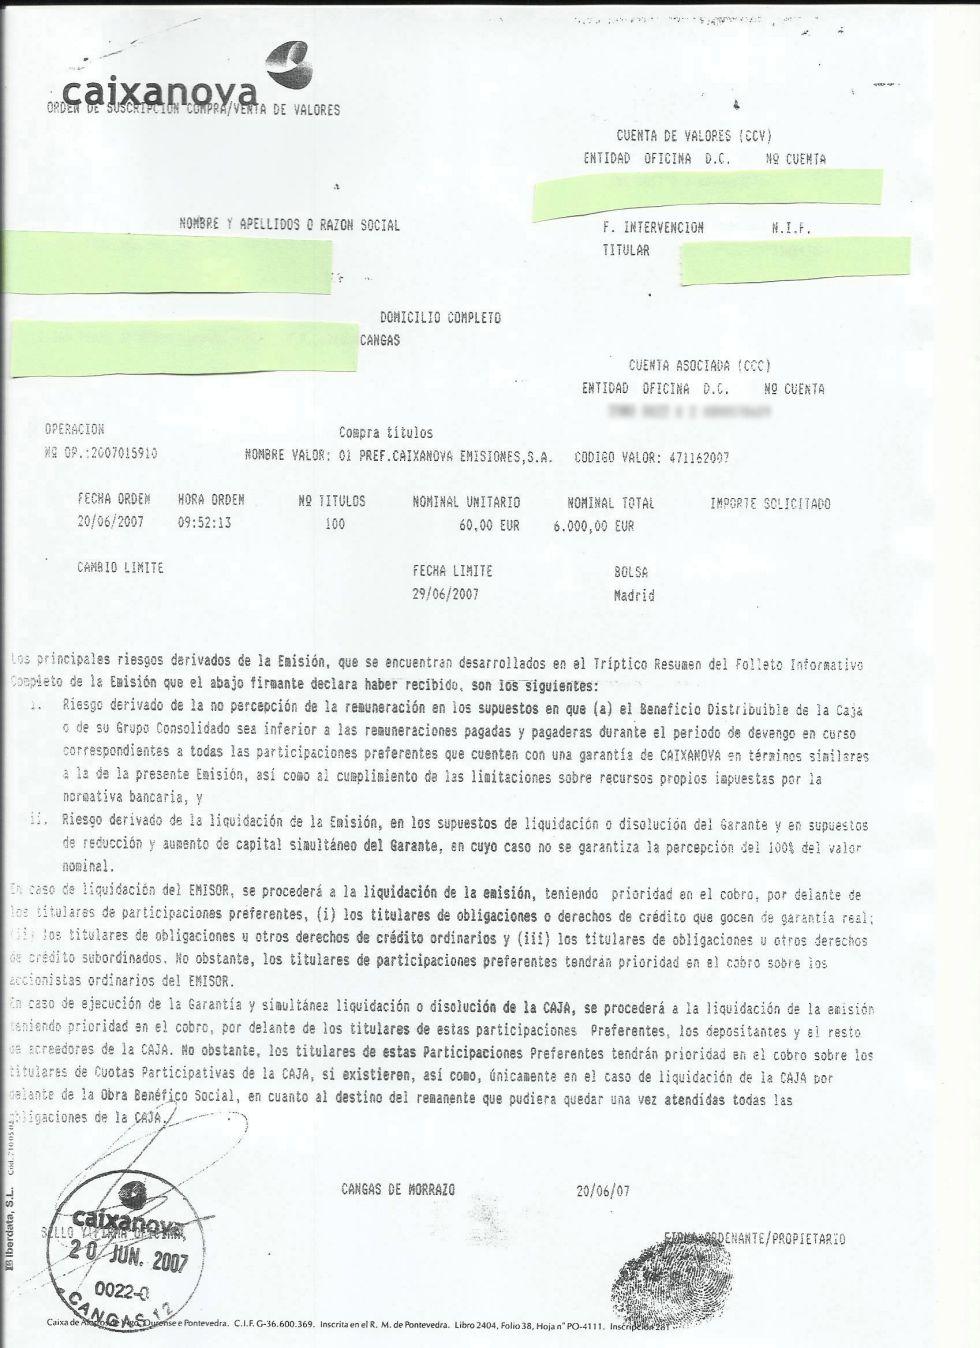 El negocio de la participaciones preferentes de la banca 1339097383_593845_1339167765_noticia_grande